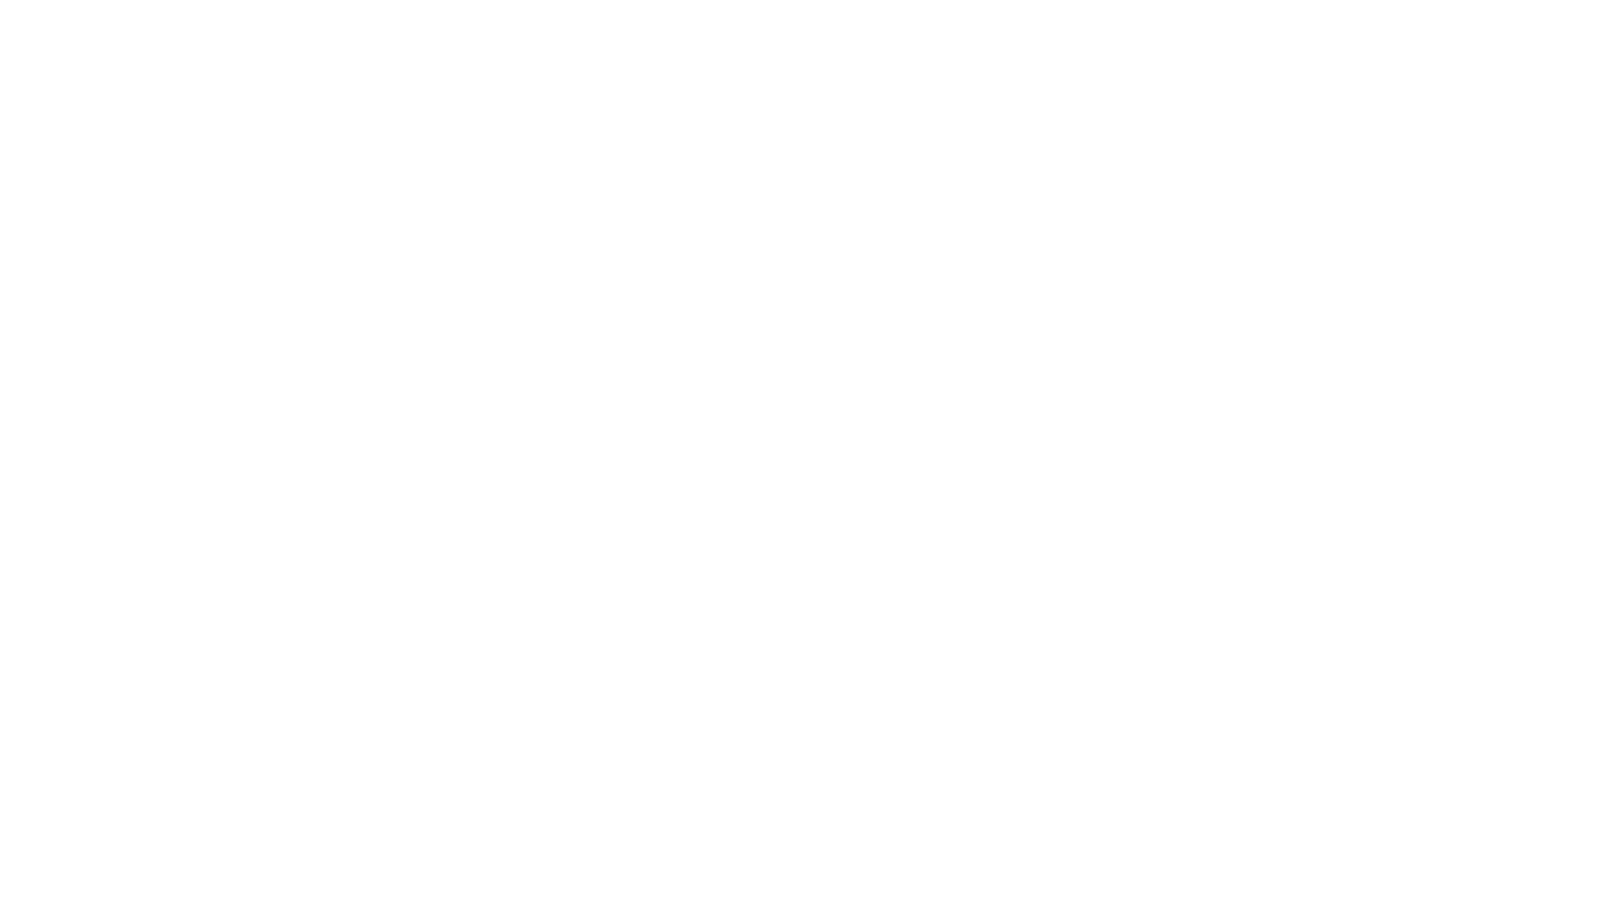 A volte l'intuizione fa cilecca. Potremmo pensare che siccome la gravità attira i corpi verso il centro della Terra, più andiamo in profondità maggiore sarà l'attrazione gravitazionale. Eppure le cose non vanno esattamente così: sotto Terra la forza di gravità diminuisce.  Consigli di lettura: https://amzn.to/2VeenTV Un libro di Fisica per approfondire: https://amzn.to/3lgqlIt Le mie recensioni: https://bit.ly/3kbzXTr Versione scritta del video: https://bit.ly/2GHVcyQ Atlante di Astronomia per iniziare: https://amzn.to/36cq5UP  /**PER SUPPORTARMI**/ -Puoi mettere like, commentare e condividere il video -Puoi iscriverti e attivare la campanella del canale -Puoi acquistare qualcosa dallo shop Amazon: https://amzn.to/2VeenTV -Wishlist (Amazon): https://amzn.to/33nXBFL  /**CONTATTI**/ Email: info@luca-nardi.it Sito web: https://www.luca-nardi.it Instagram: http://bit.ly/39YSMoT Twitter: http://bit.ly/3b3zIWq Facebook: https://bit.ly/3crHDhw TikTok: http://bit.ly/2QlgBiX  /****STRUMENTAZIONE****/ Microfono per voce fuori campo: https://amzn.to/3i43SNl Microfono a pinza frontale: https://amzn.to/3bzeTDG Wacom intuos S: https://amzn.to/2DWqlx5 Tonki: https://amzn.to/2F6fmS5  /******/ Credits musica: bensound.com Credits immagini: ESA, NASA, Wikimedia CC, Tug of War Association  /******/ #gravità #fisica #lucanardiscience